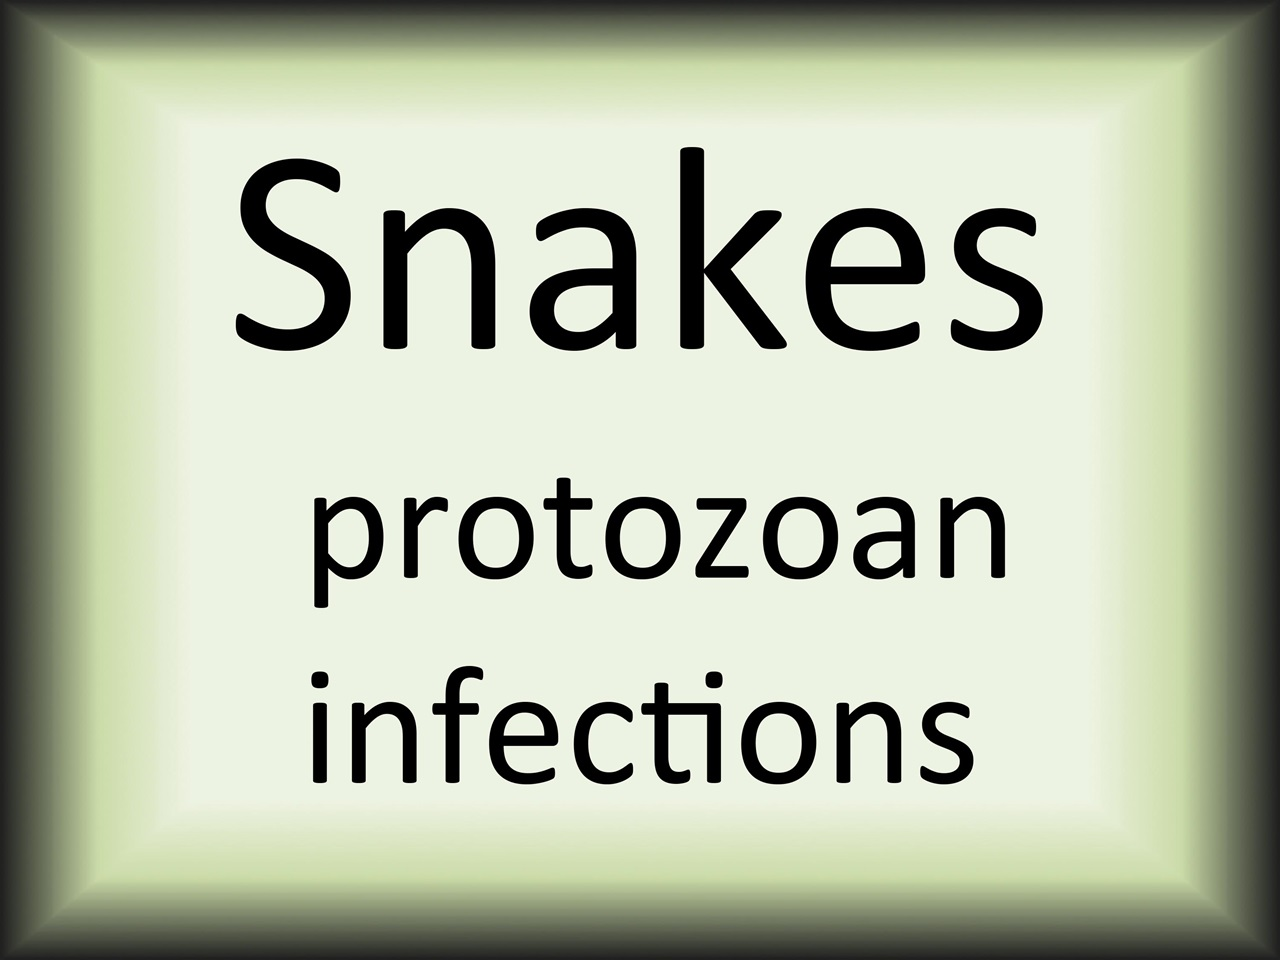 Snakes protozoan inf